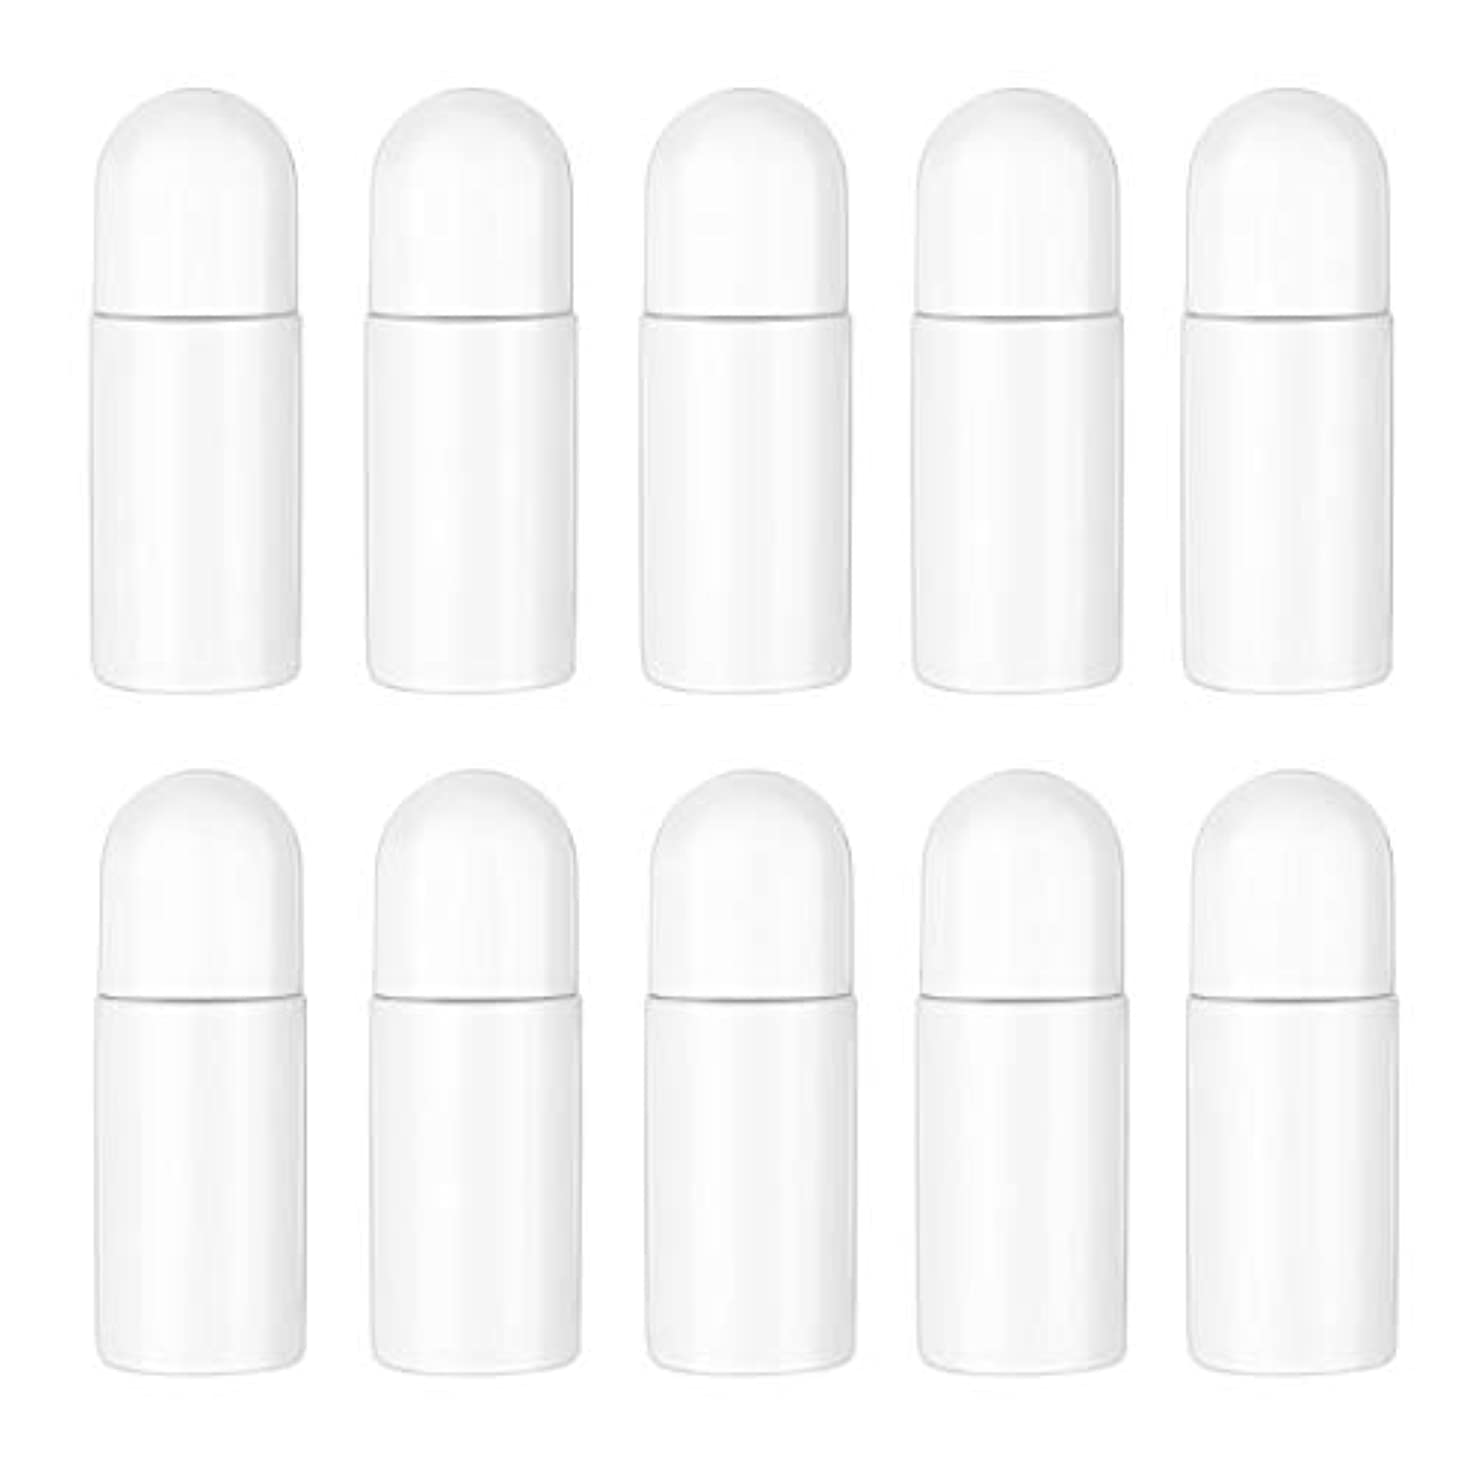 合法心配する摂動Healifty エッセンシャルオイル香水化粧品50 ml(白)の10ピースプラスチックローラーボトル空の詰め替え可能なローラーボールボトル